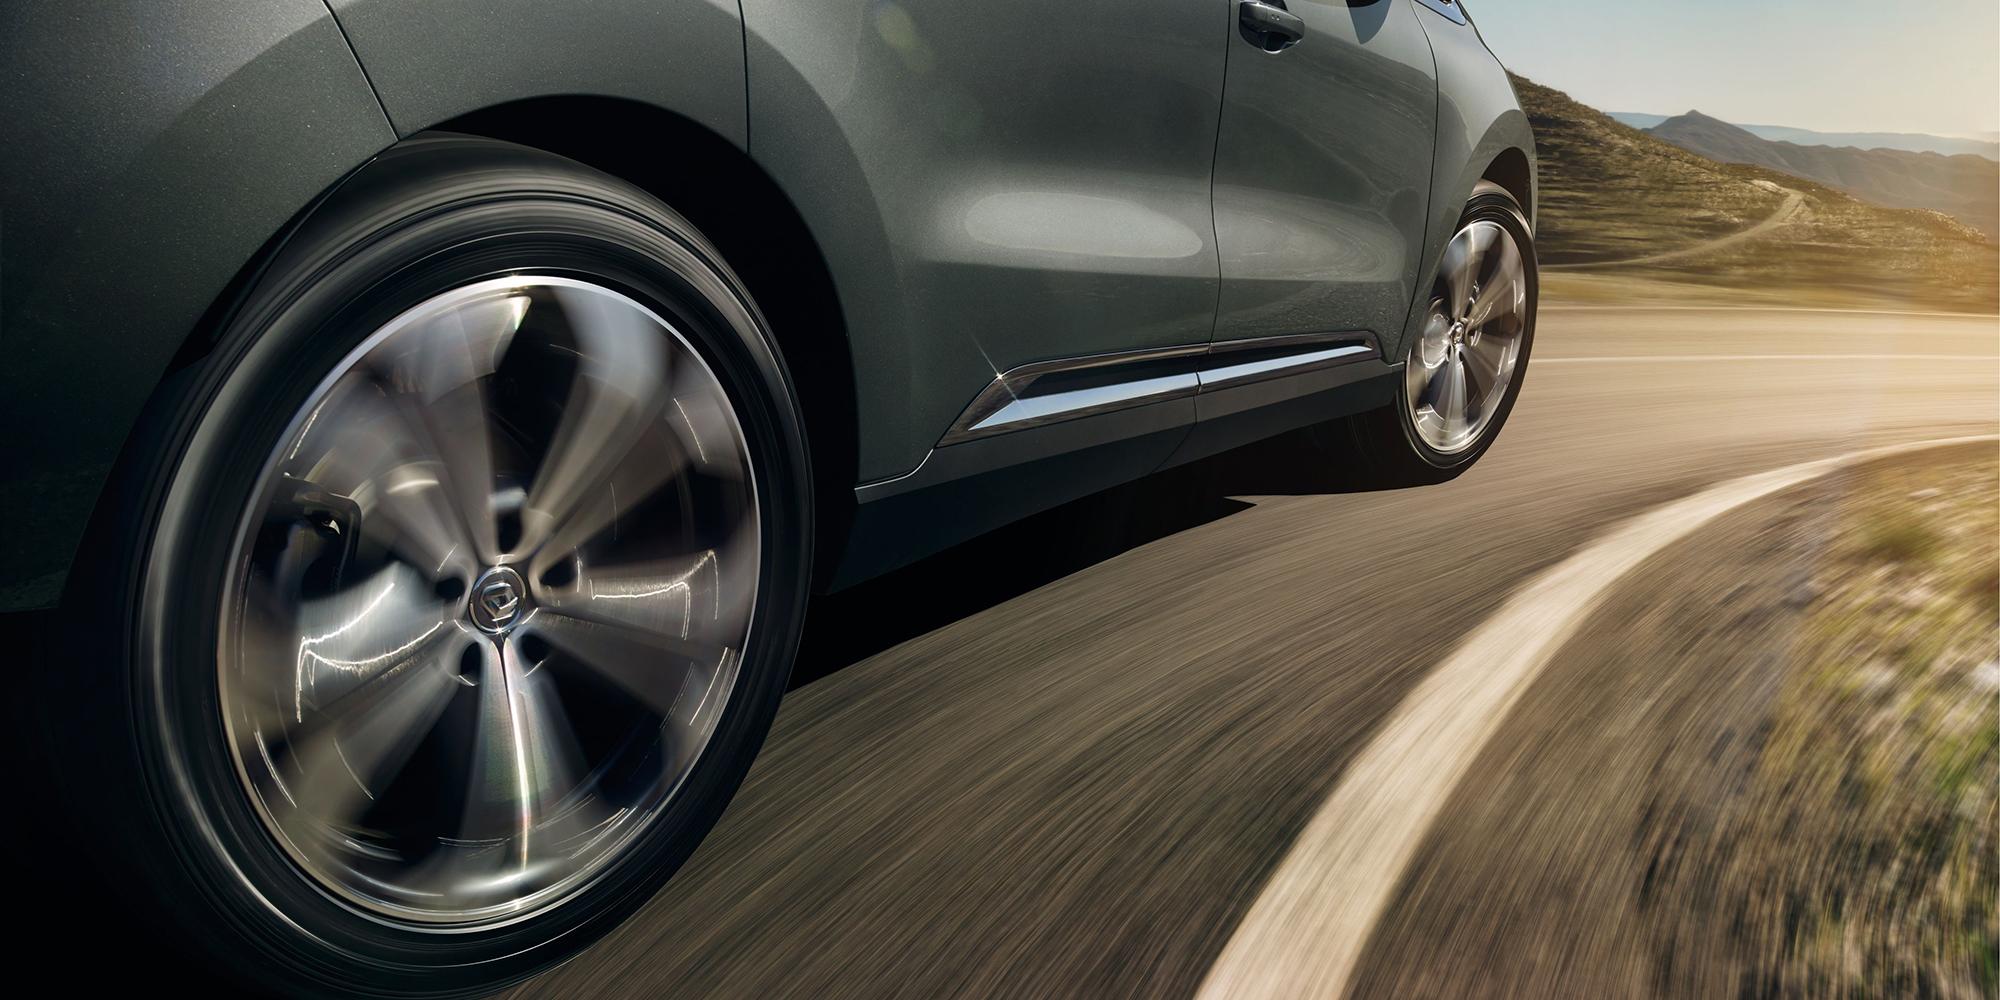 Renault ESPACE: dynamische Allradlenkung 4CONTROL®